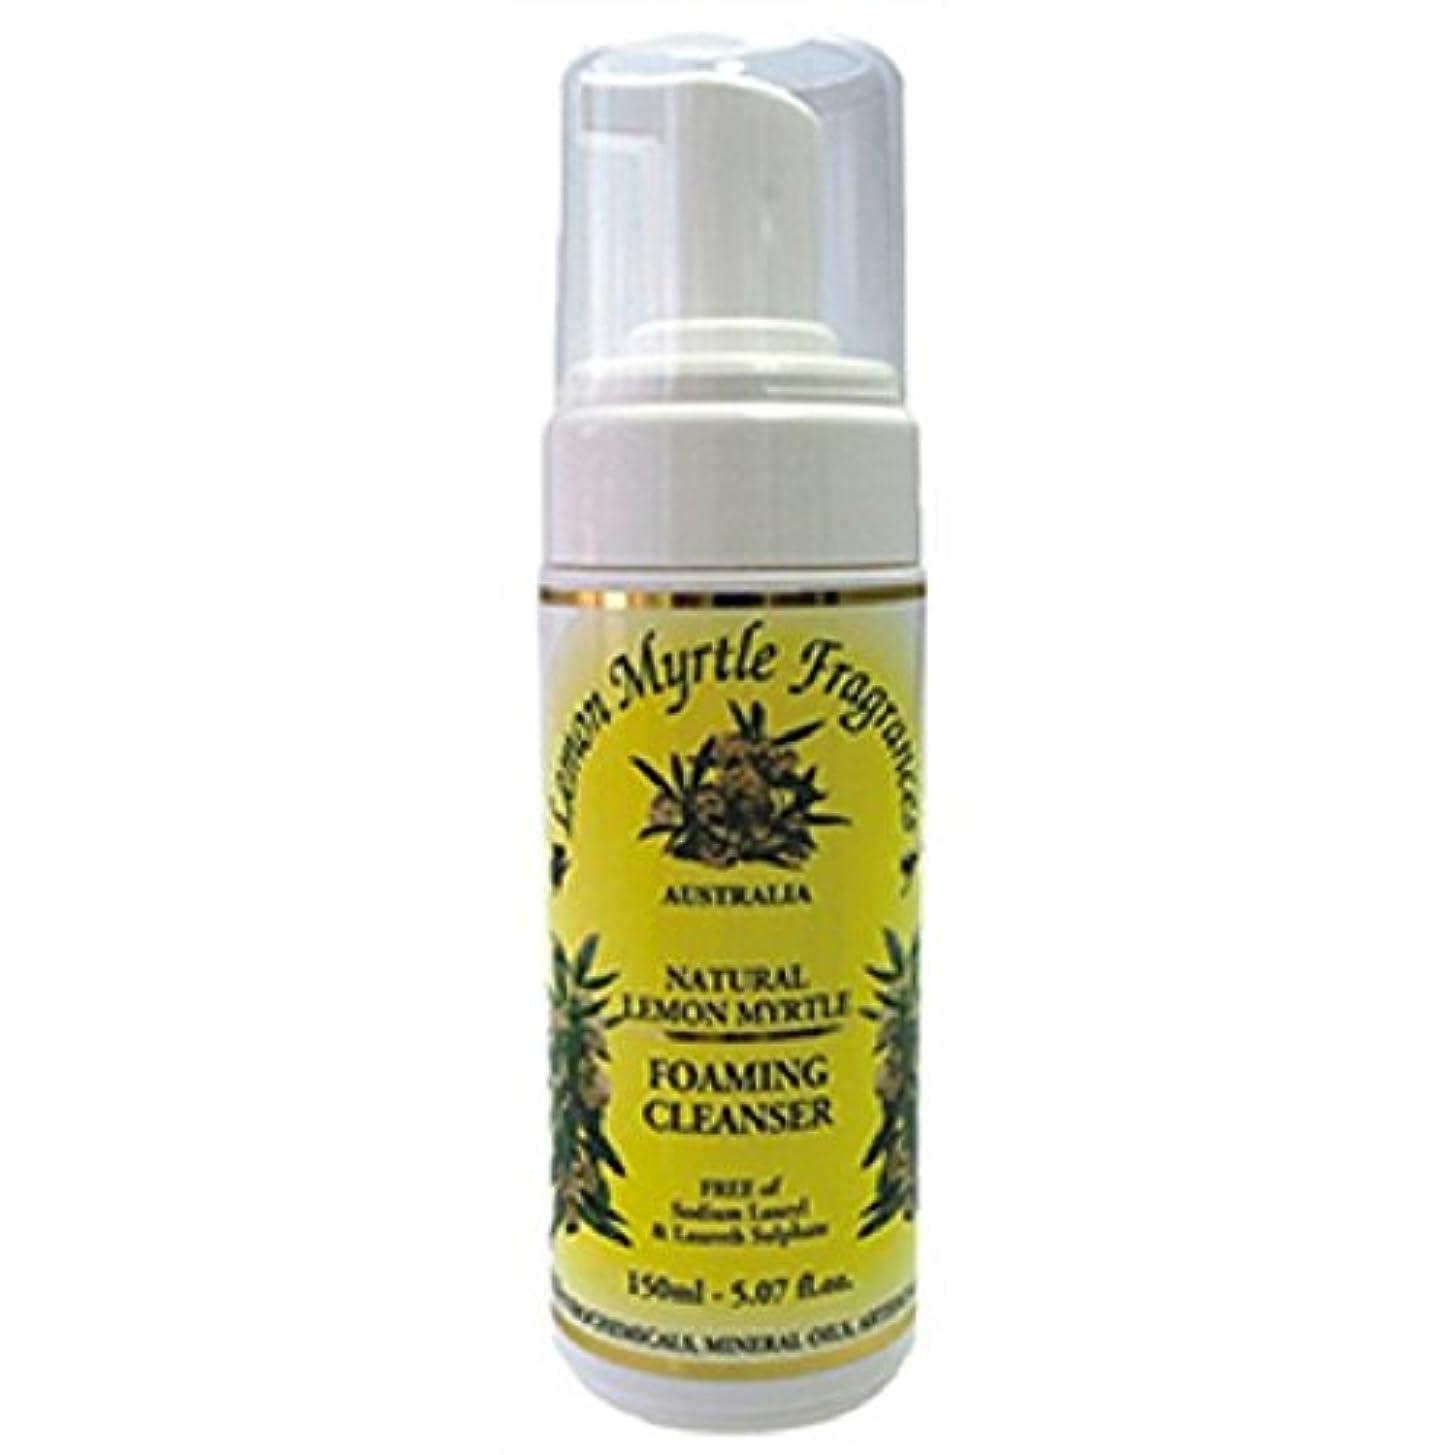 モットーメニュー弁護人【LEMON MYRTLE FRAGRANCES】Hand Cleanser レモンマートルフレグランス ハンドソープ 150g